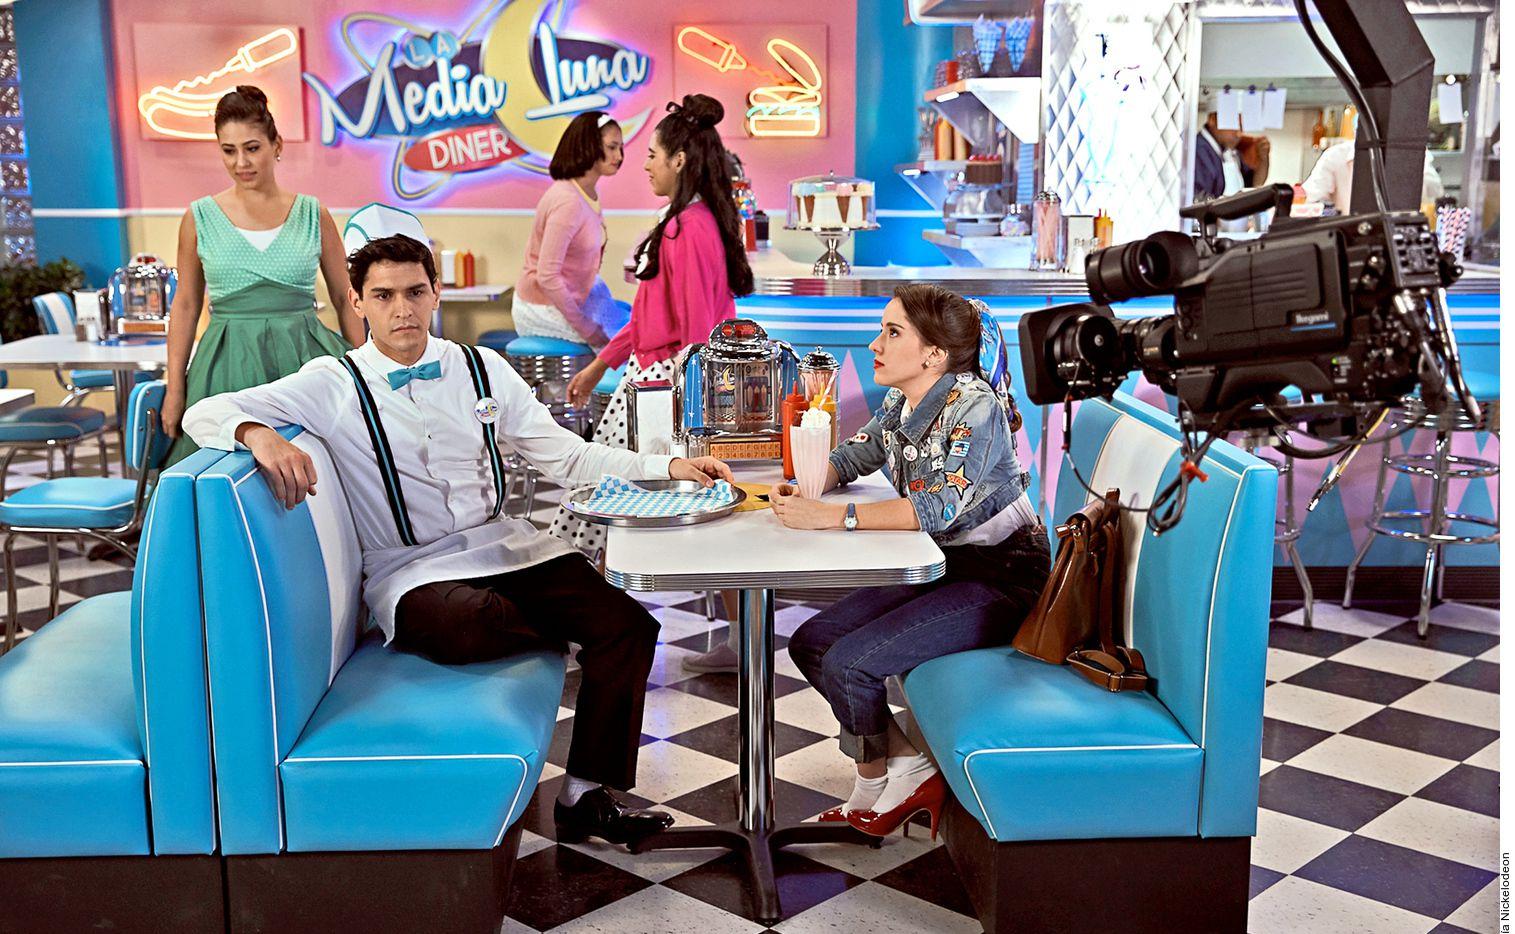 El show, protagonizado por Evaluna Montaner, se transmite todos los días por Nickelodeon. AGENCIA REFORMA